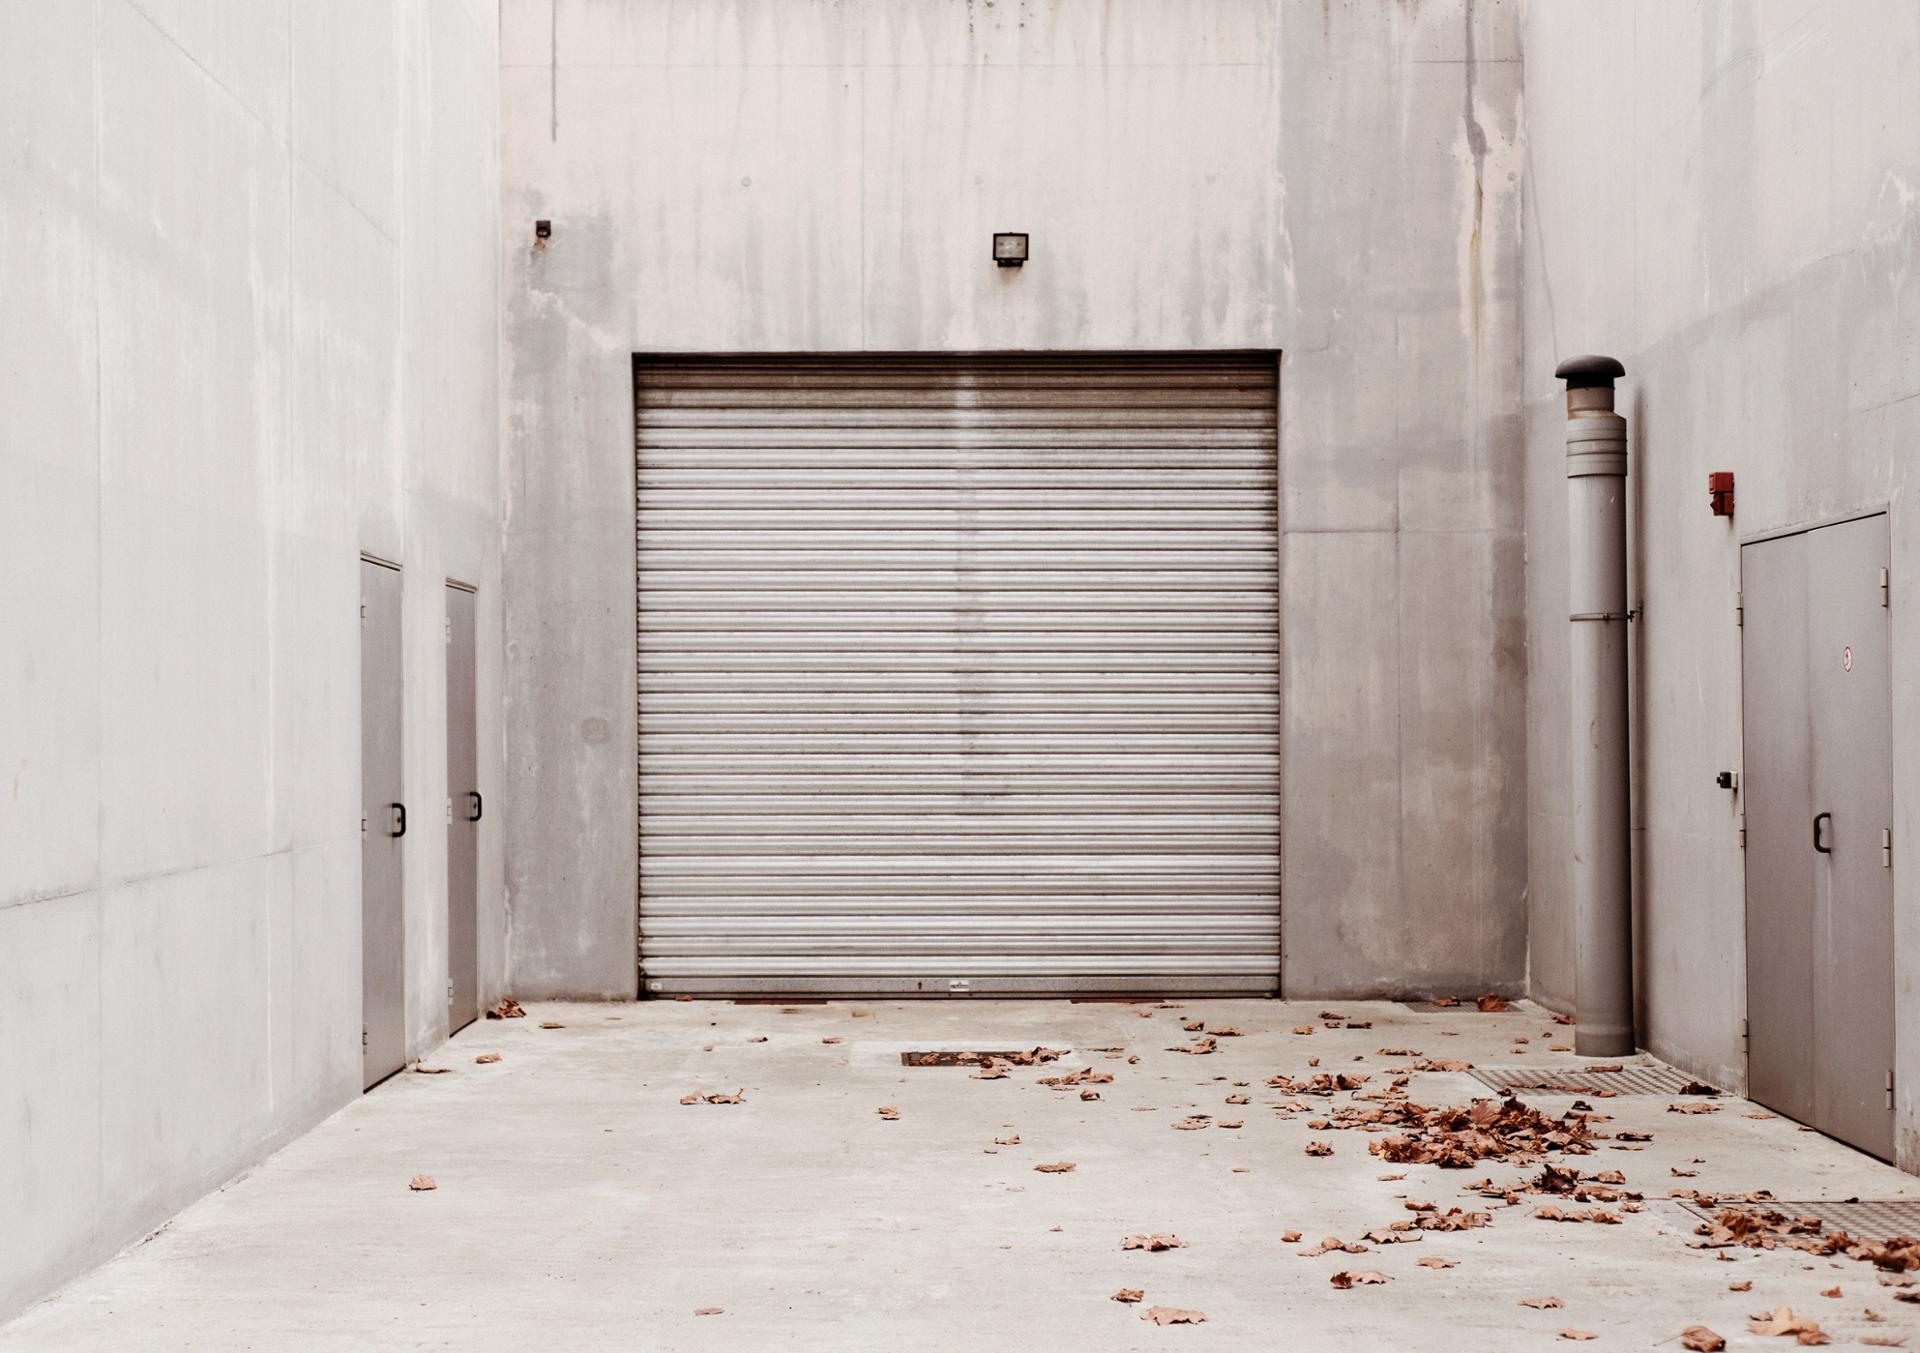 Derrière des portes closes